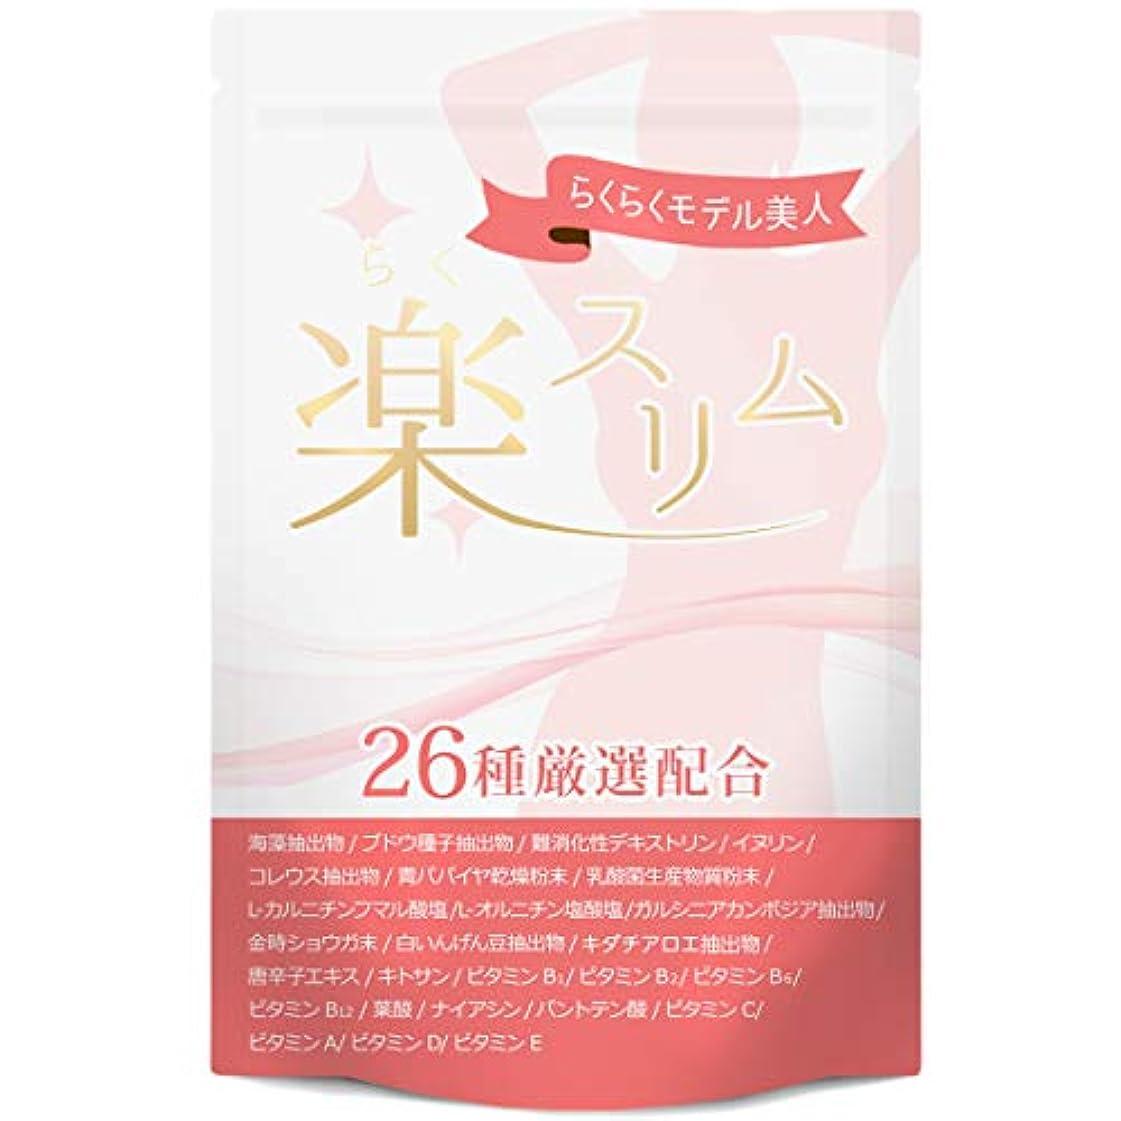 ナイトスポットストレスポンドダイエット サプリ 楽スリム 燃焼系 サプリメント ダイエットサプリ 60粒30日分